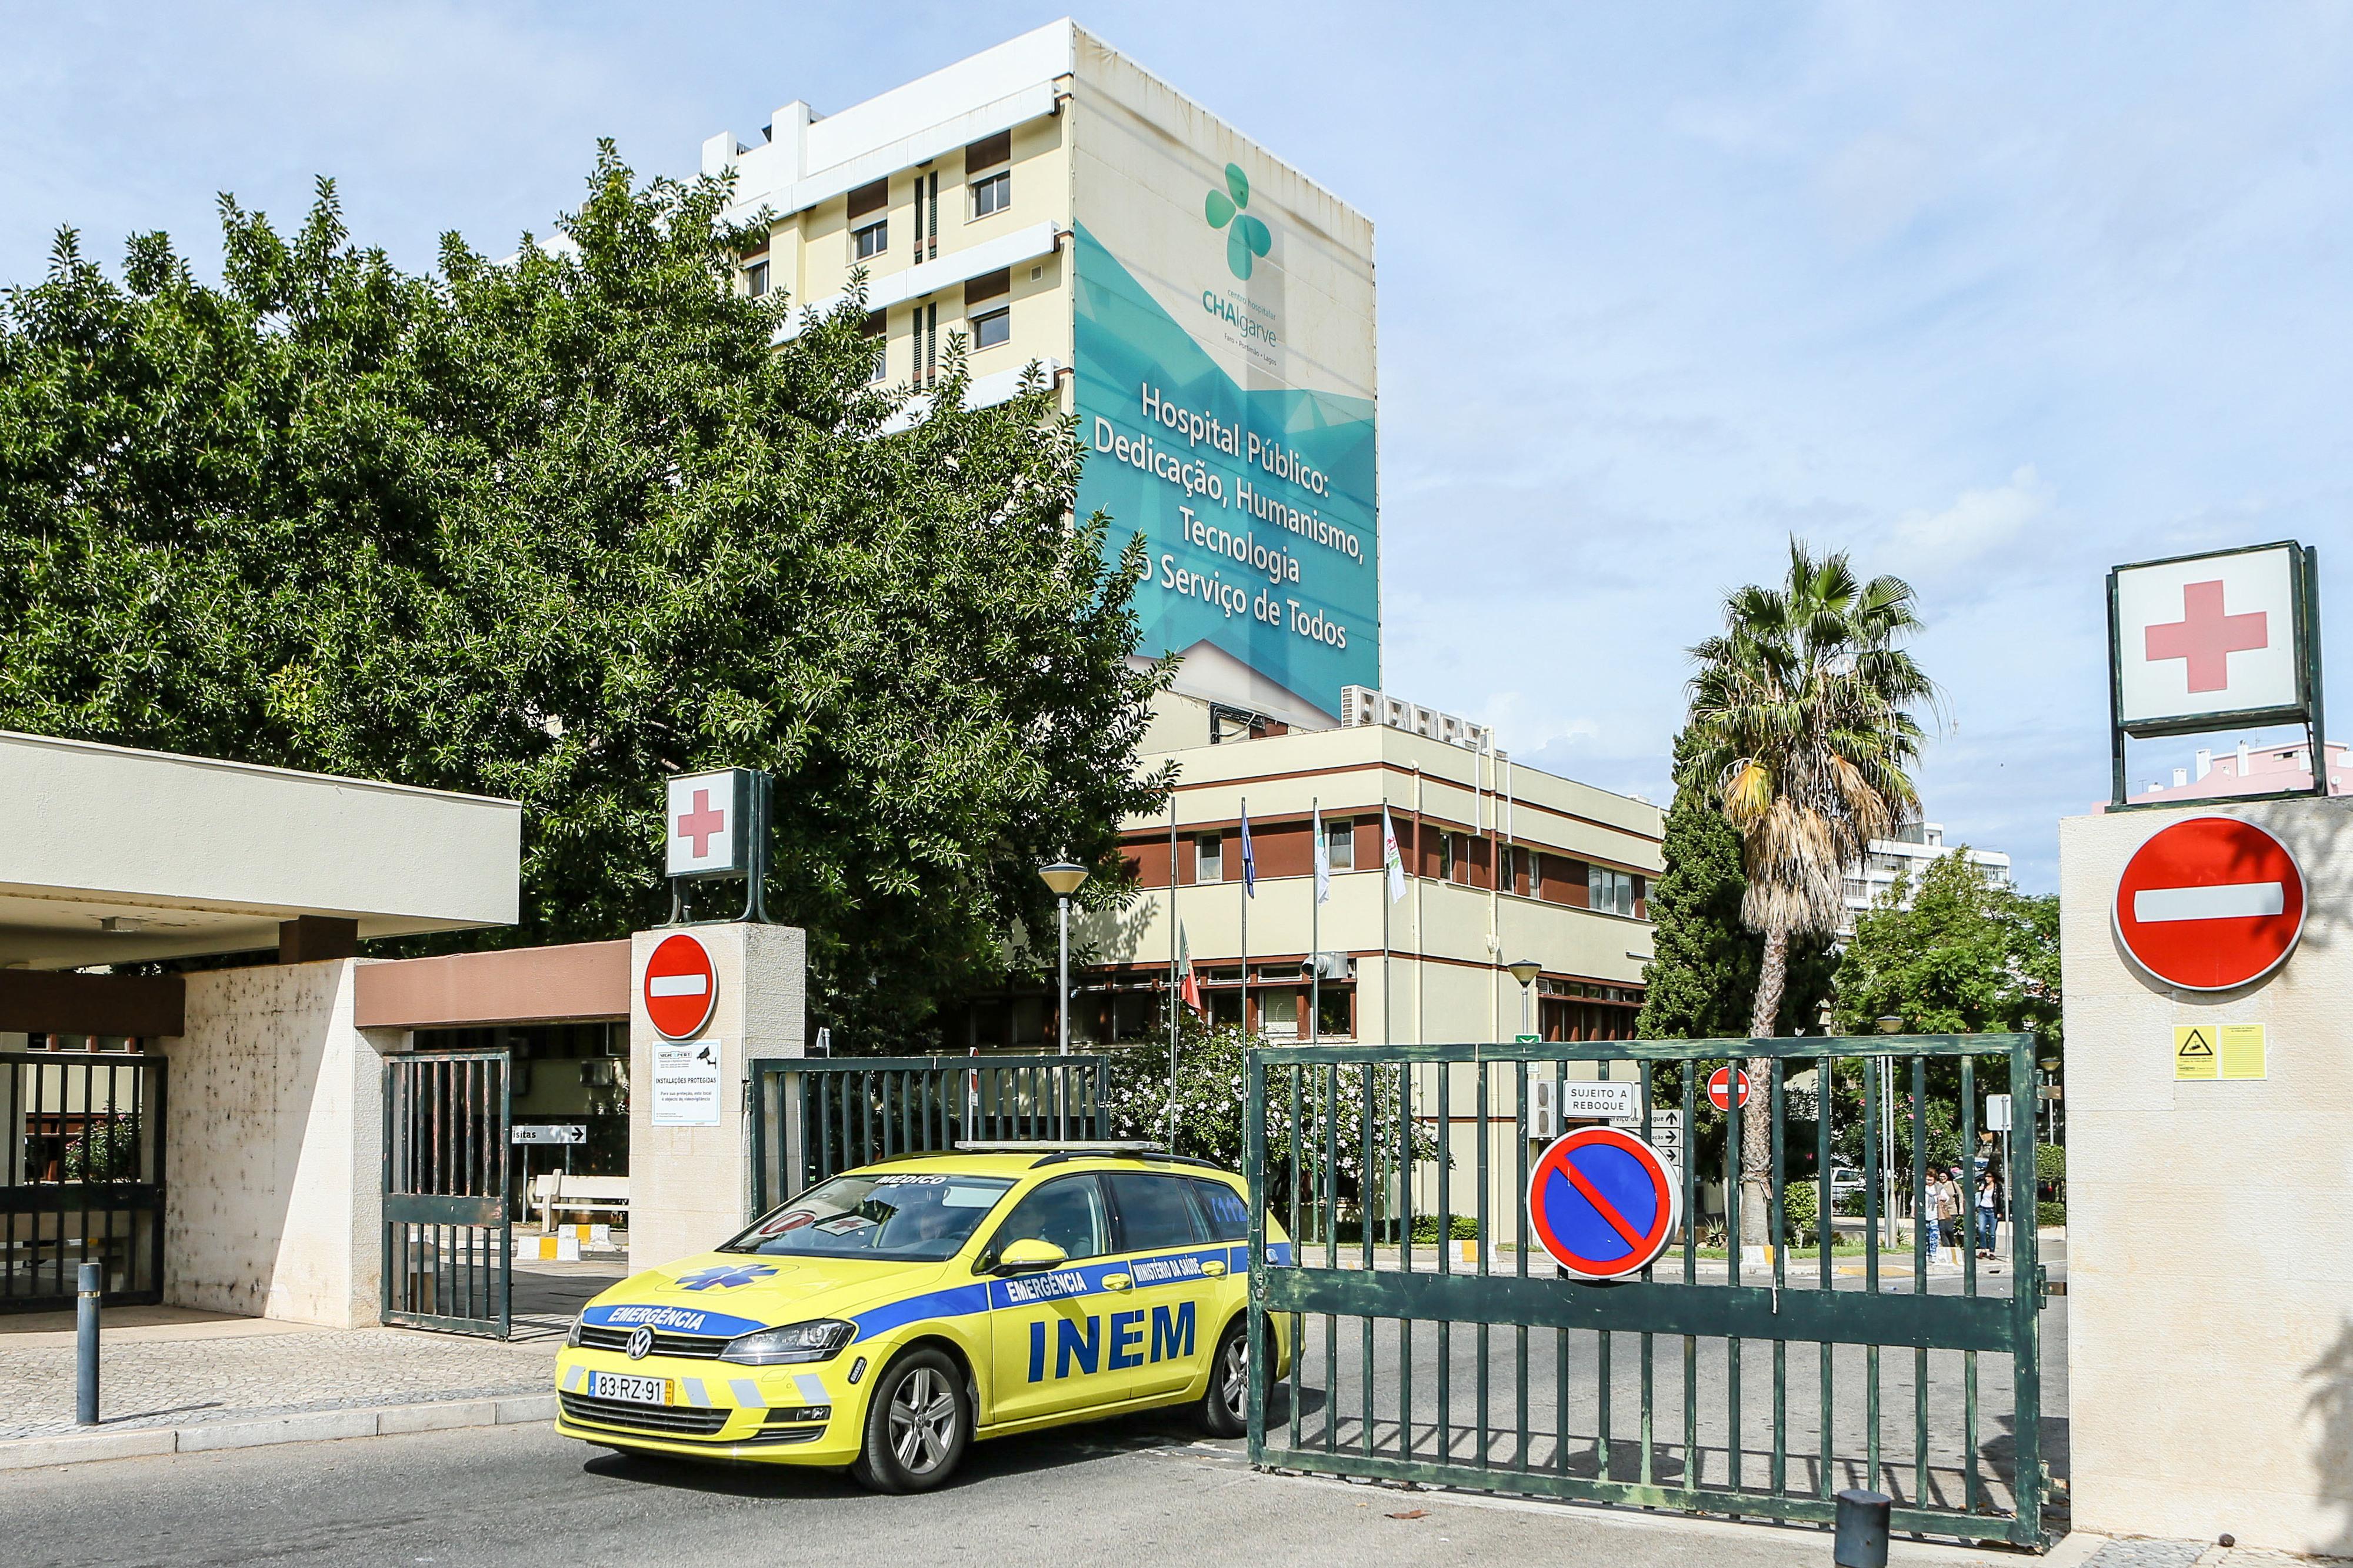 Urgência de Cirurgia assegurada nos hospitais de Faro e Portimão - administração